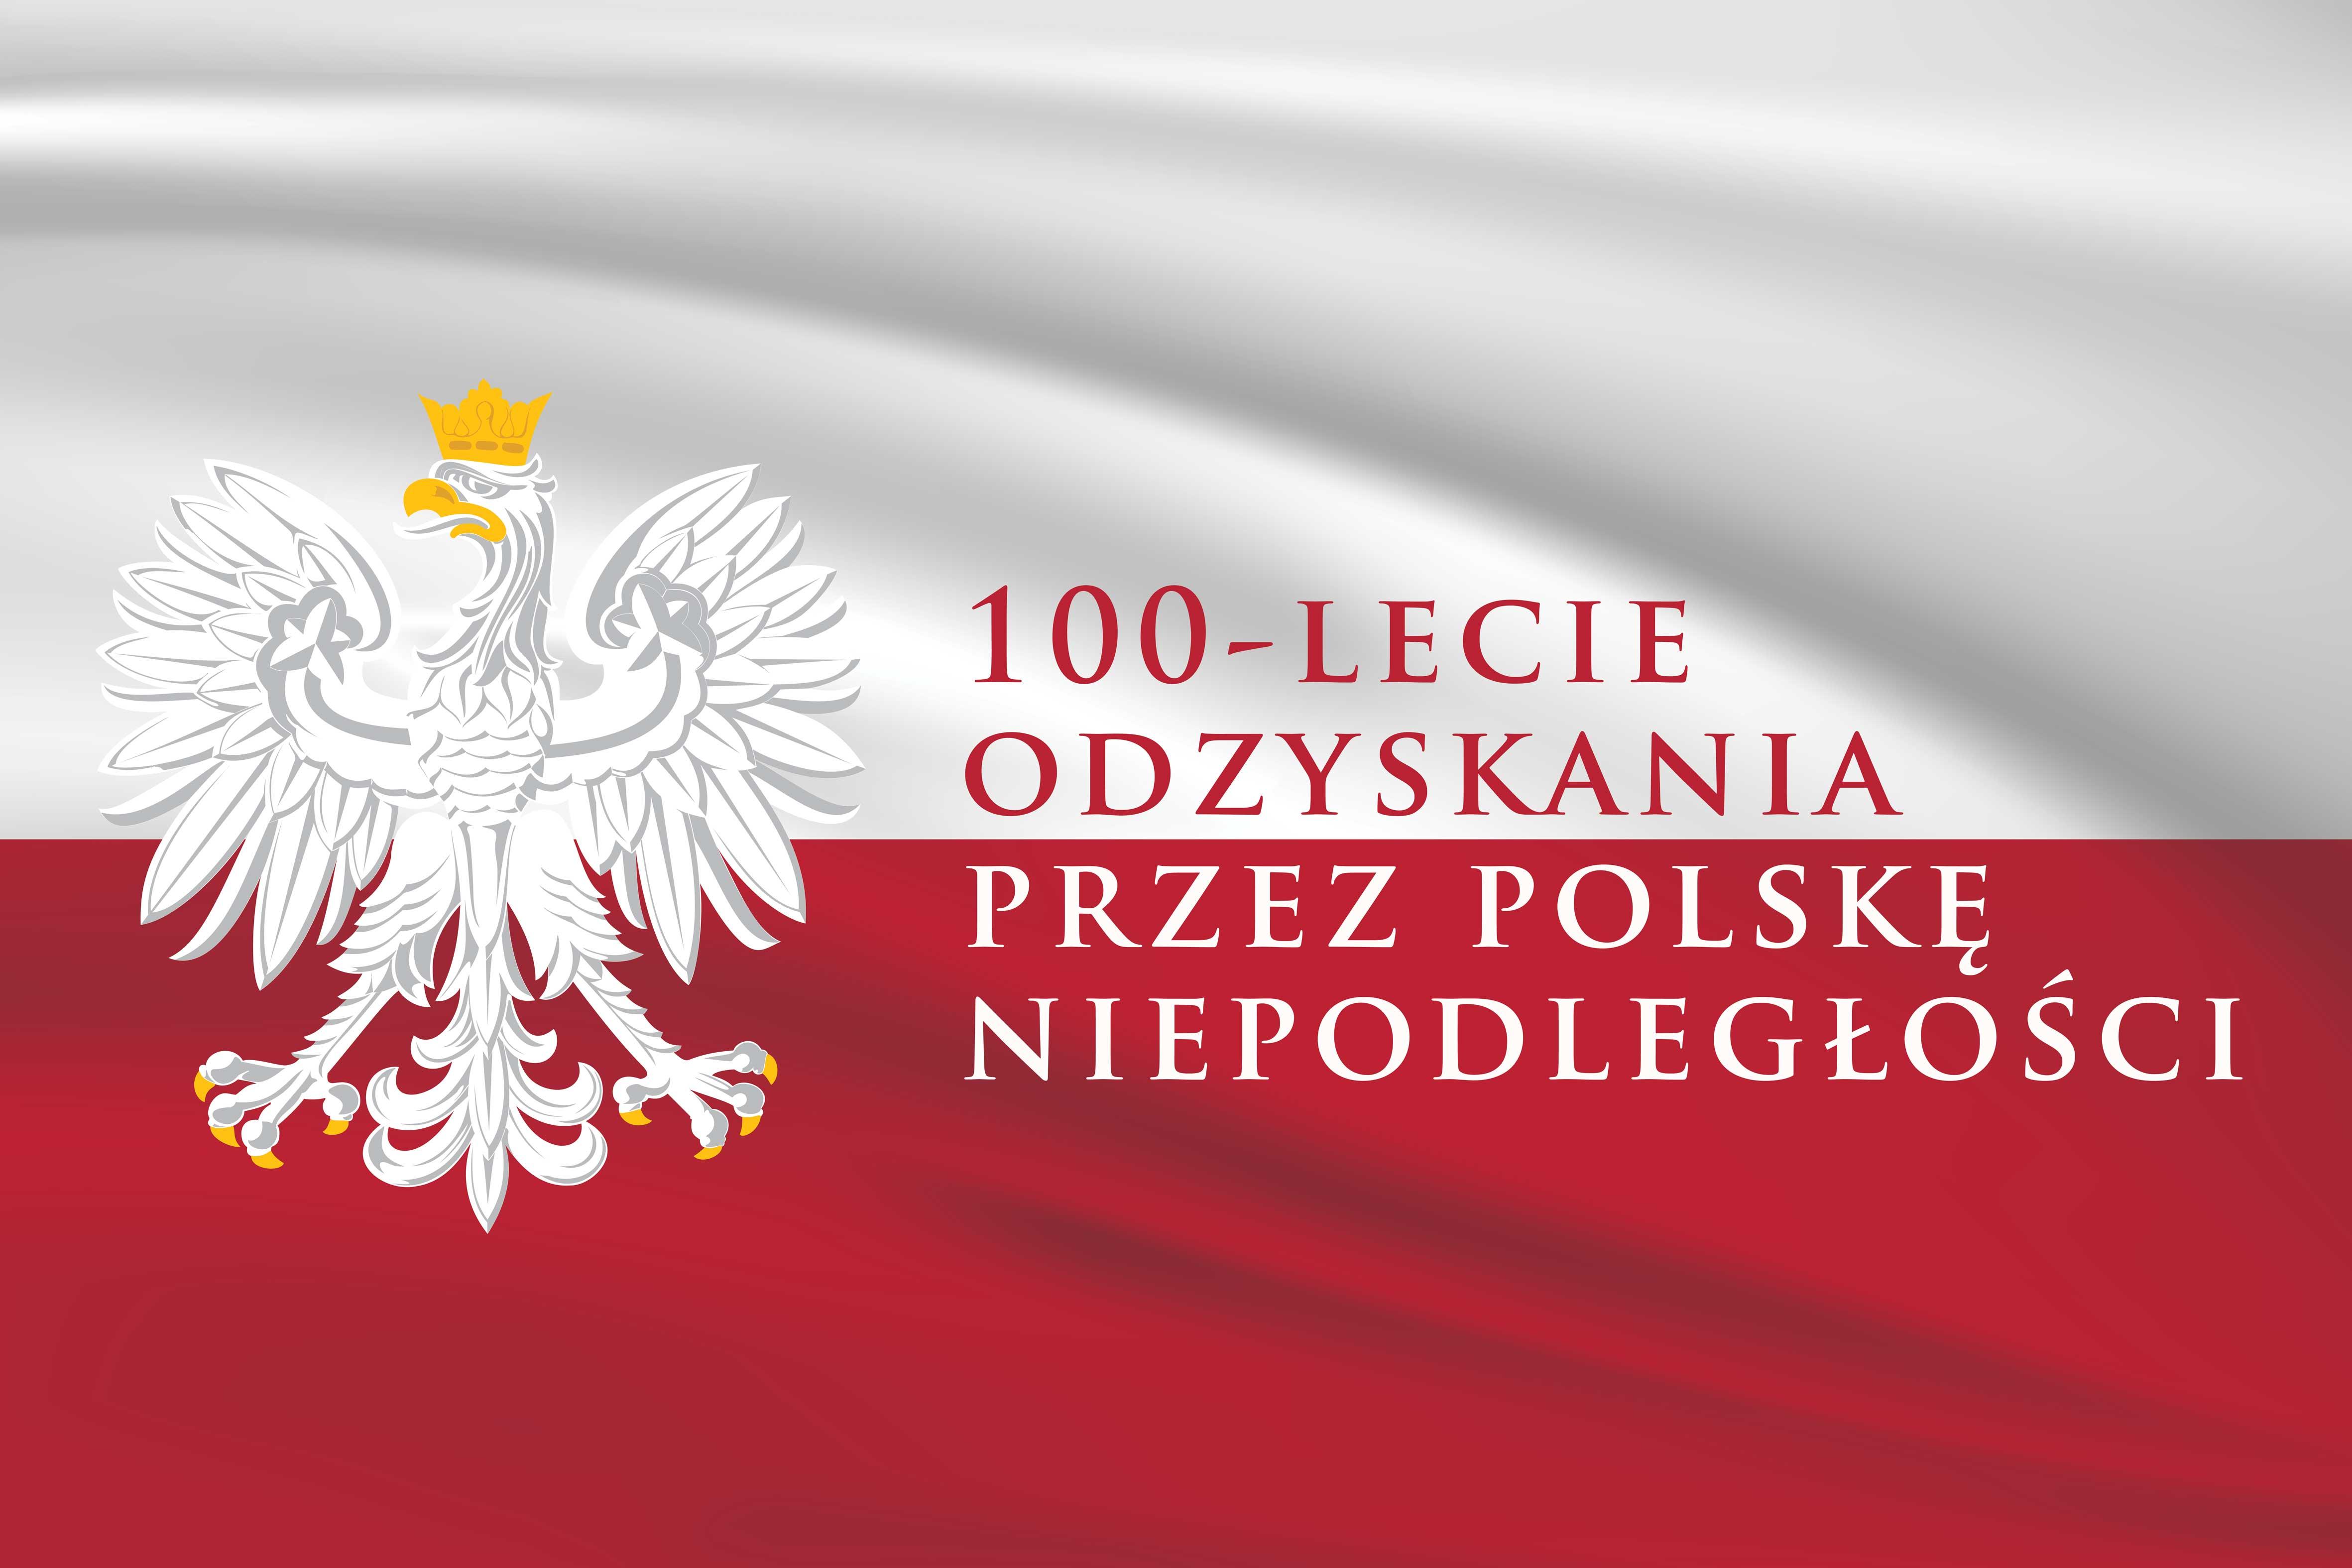 100-lecie-odzyskania-nie_6369